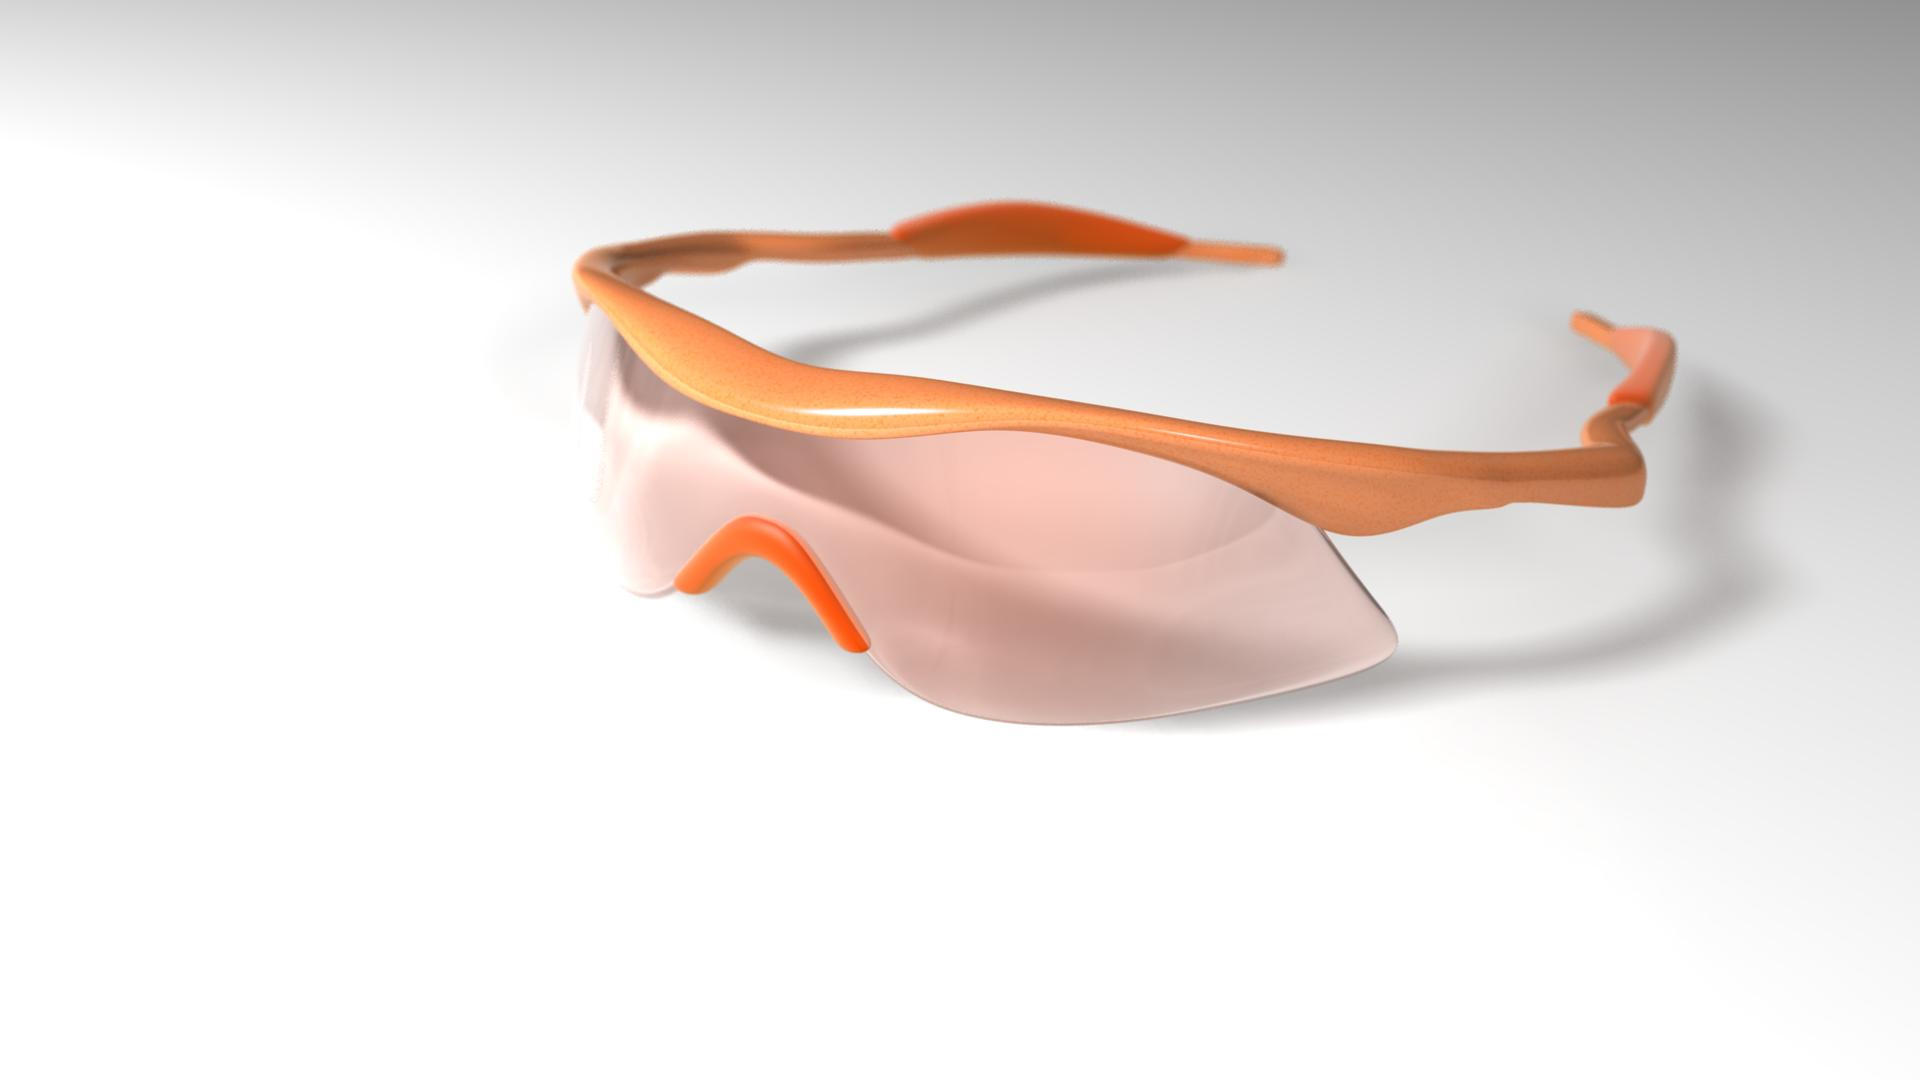 M-frame glasses